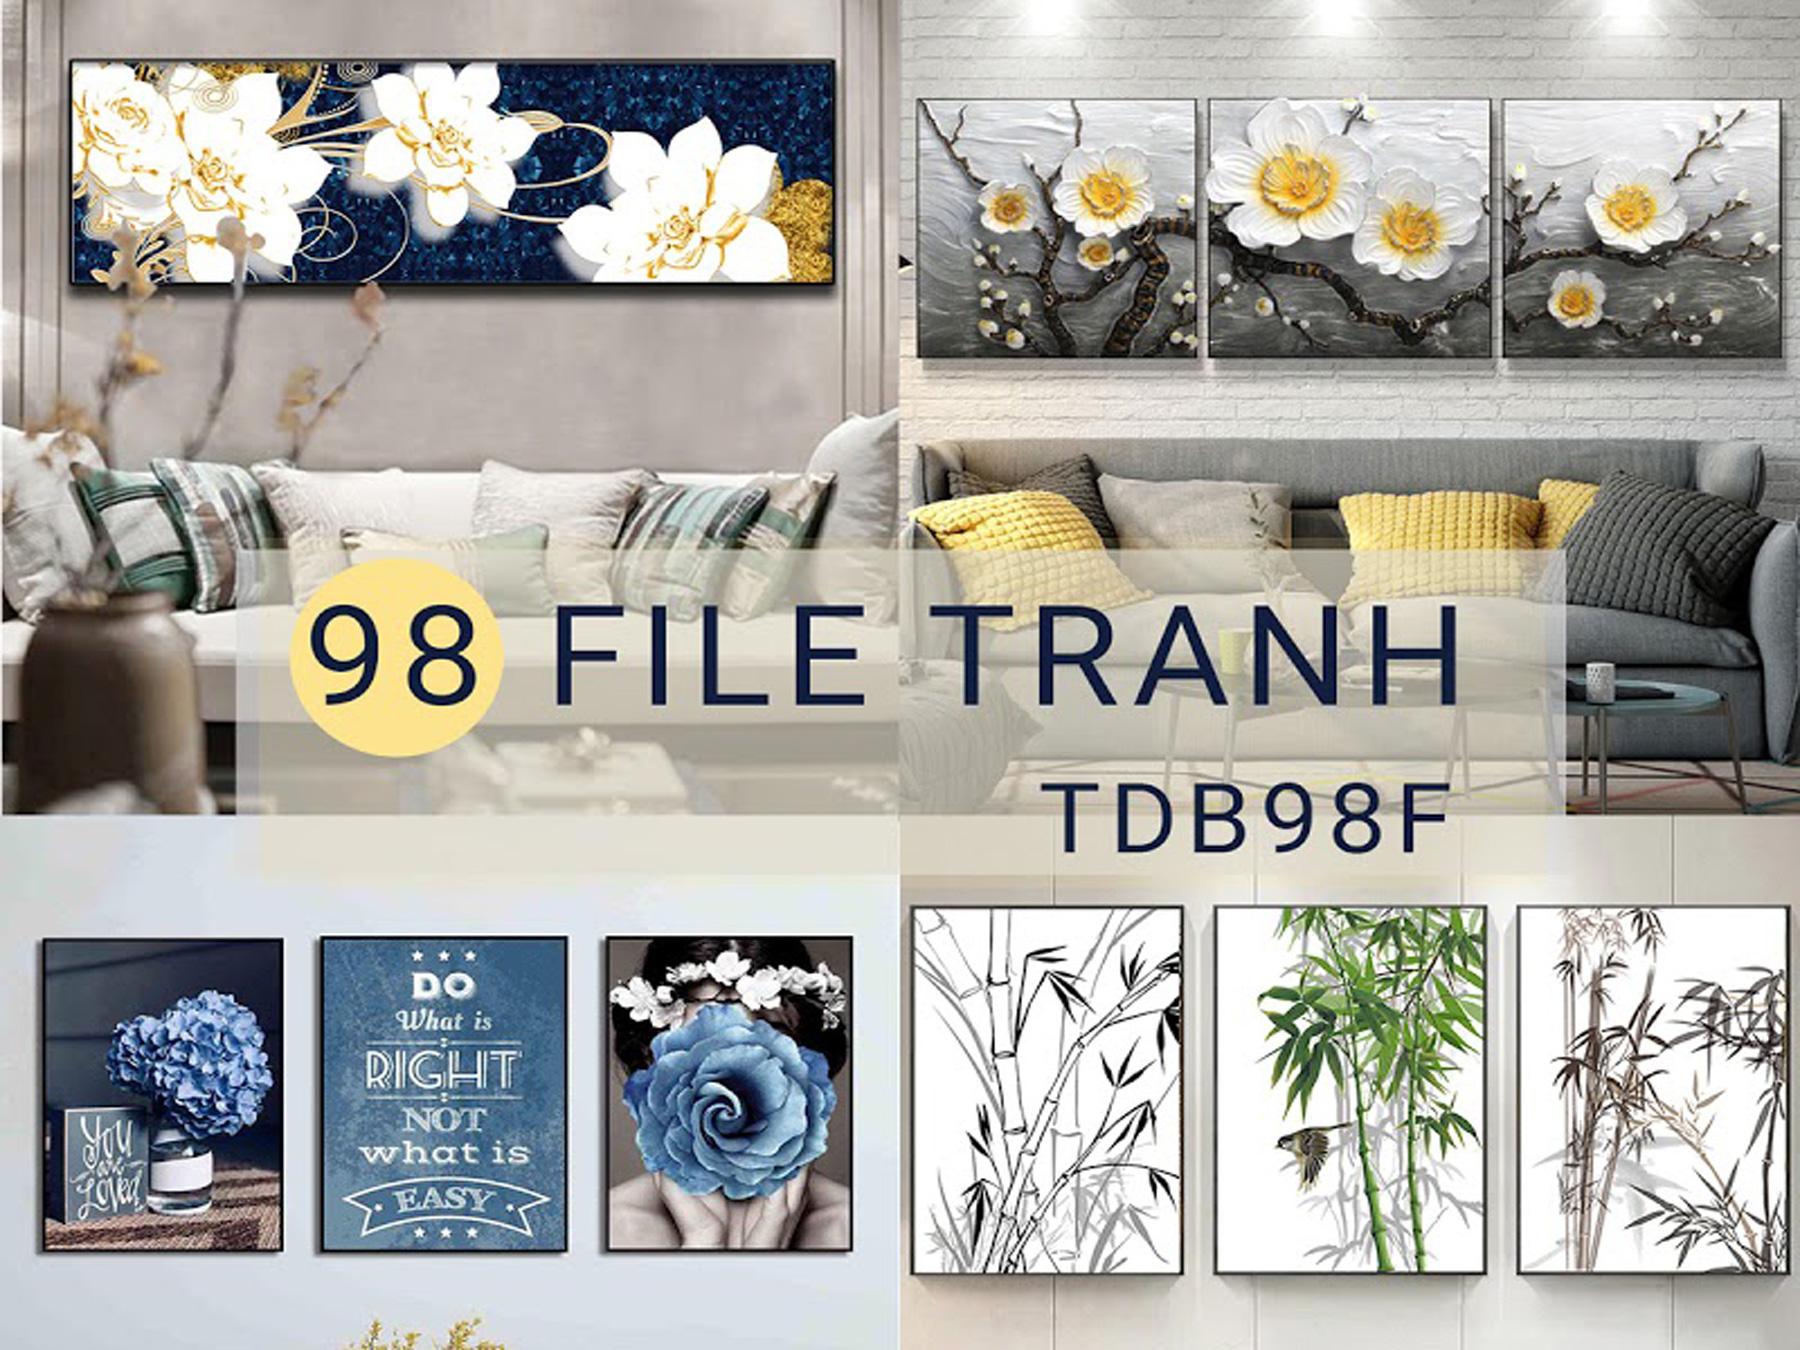 Tranh Trang Trí - Vol57 (TDB98)